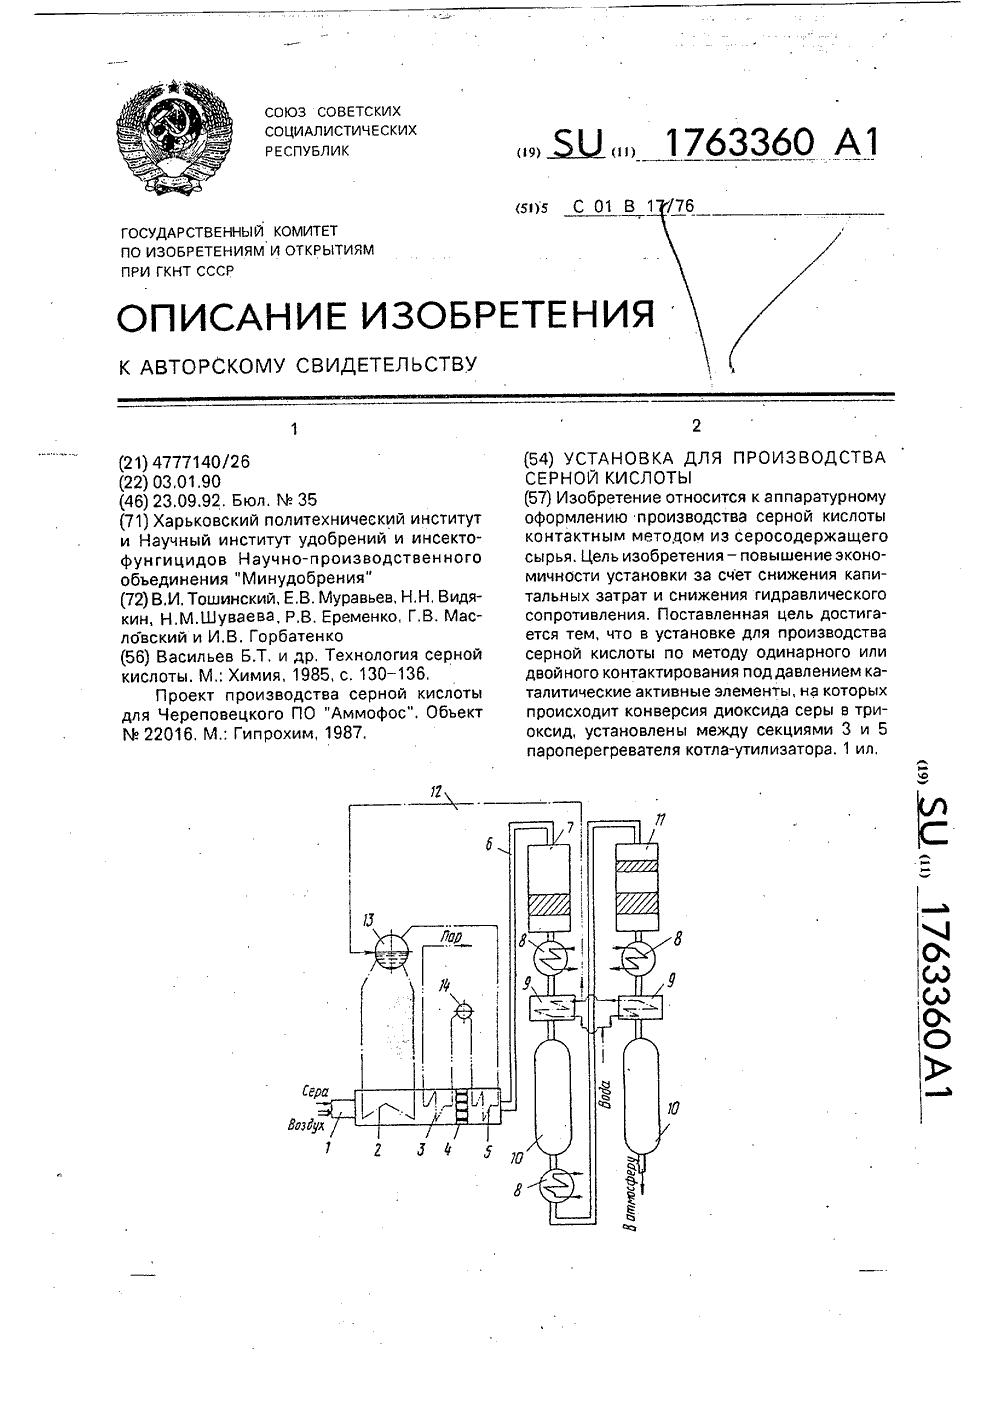 Функциональная схема производства серной кислоты из серы